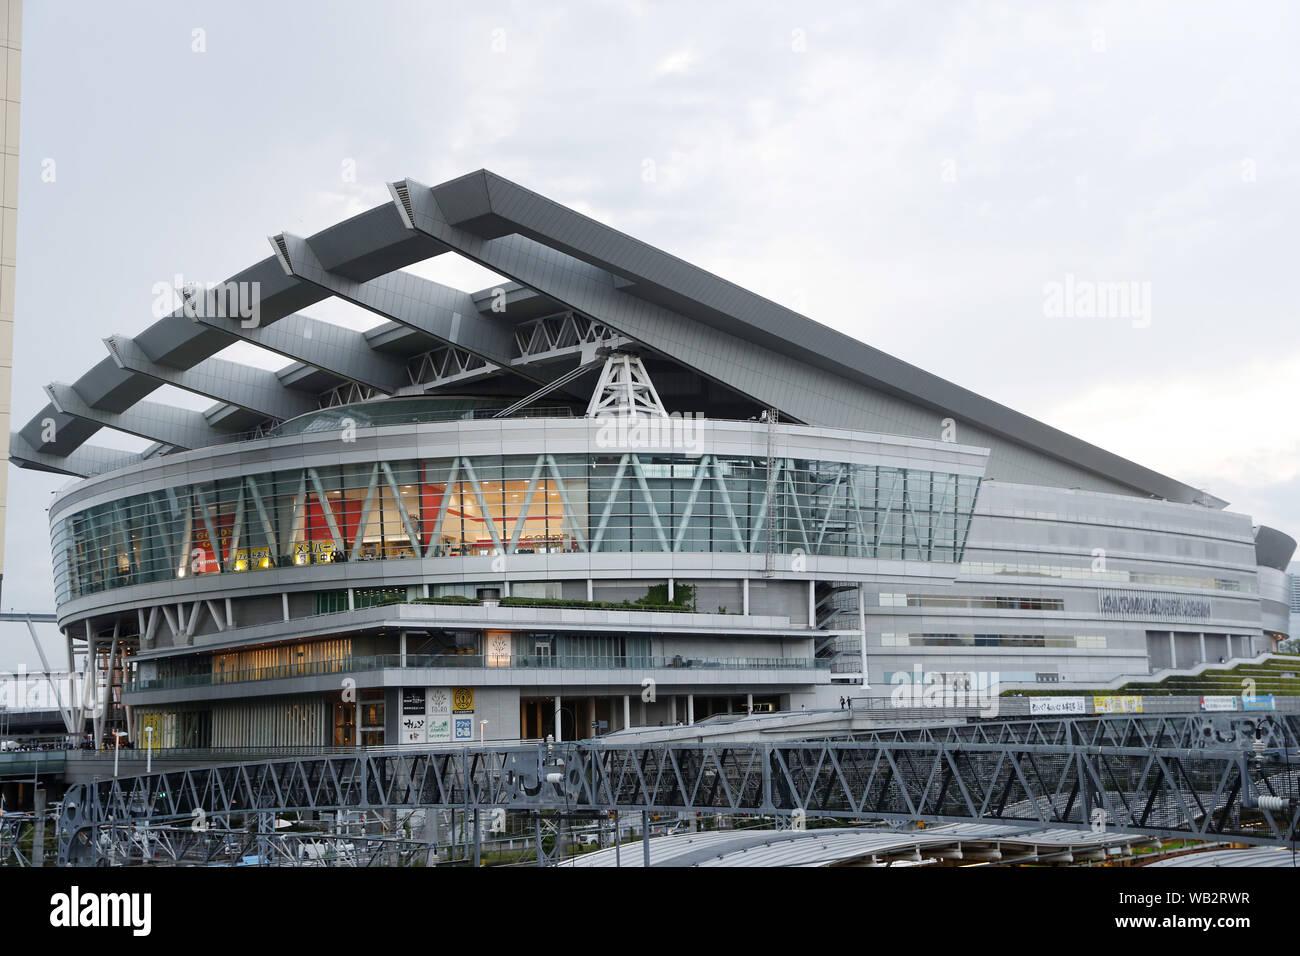 Saitama Super Arena Saitama Japan 22nd Aug 2019 Saitama